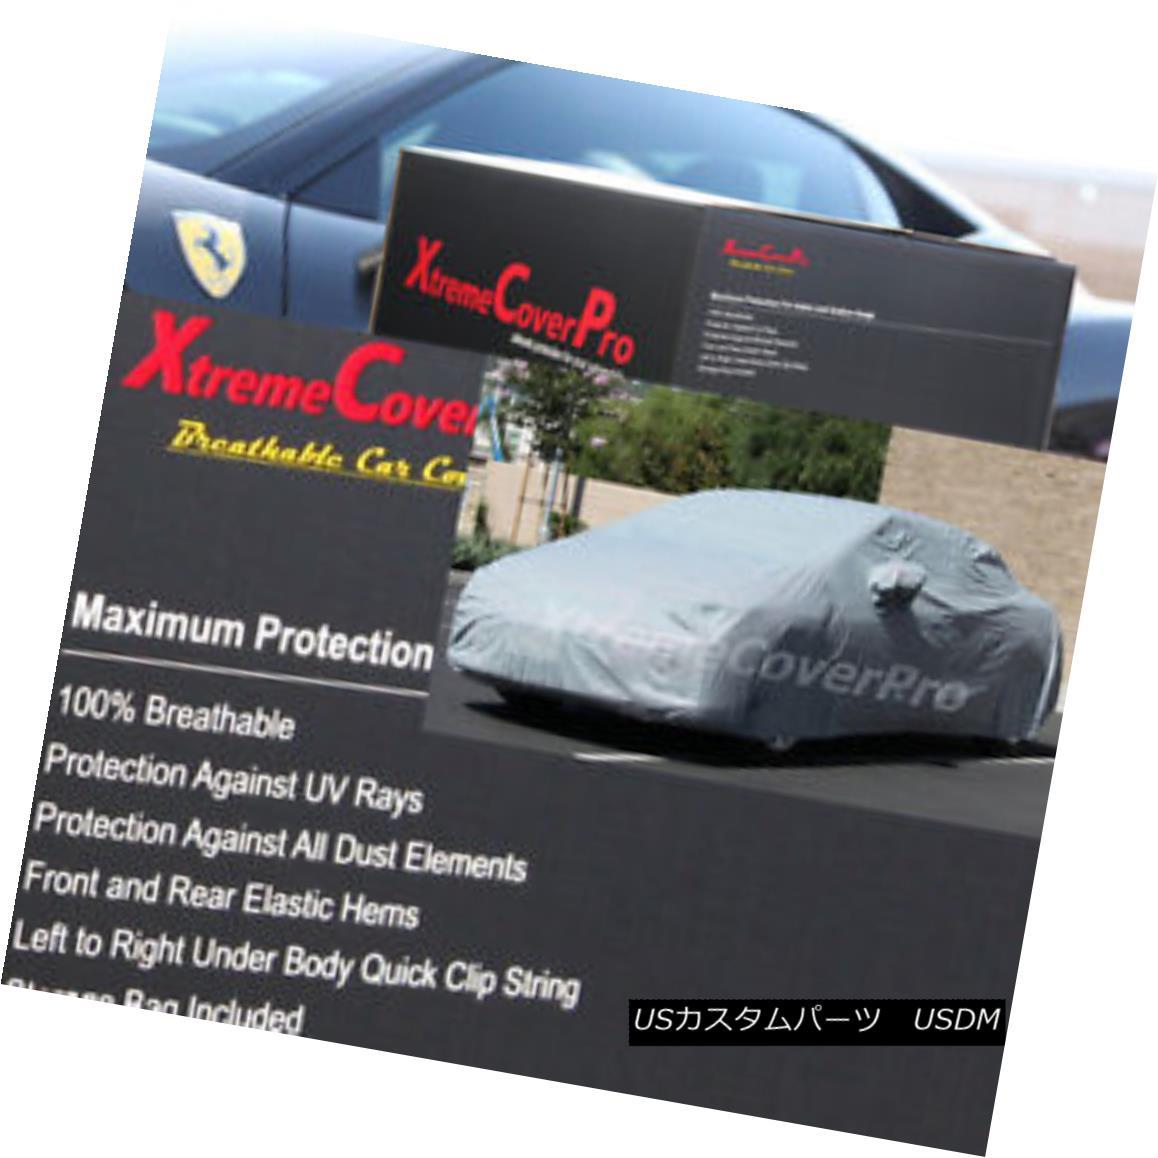 カーカバー 2015 CHEVROLET MALIBU Breathable Car Cover w/Mirror Pockets - Gray 2015 CHEVROLET MALIBU通気性のある車カバー付き/ミラーポケット - グレー